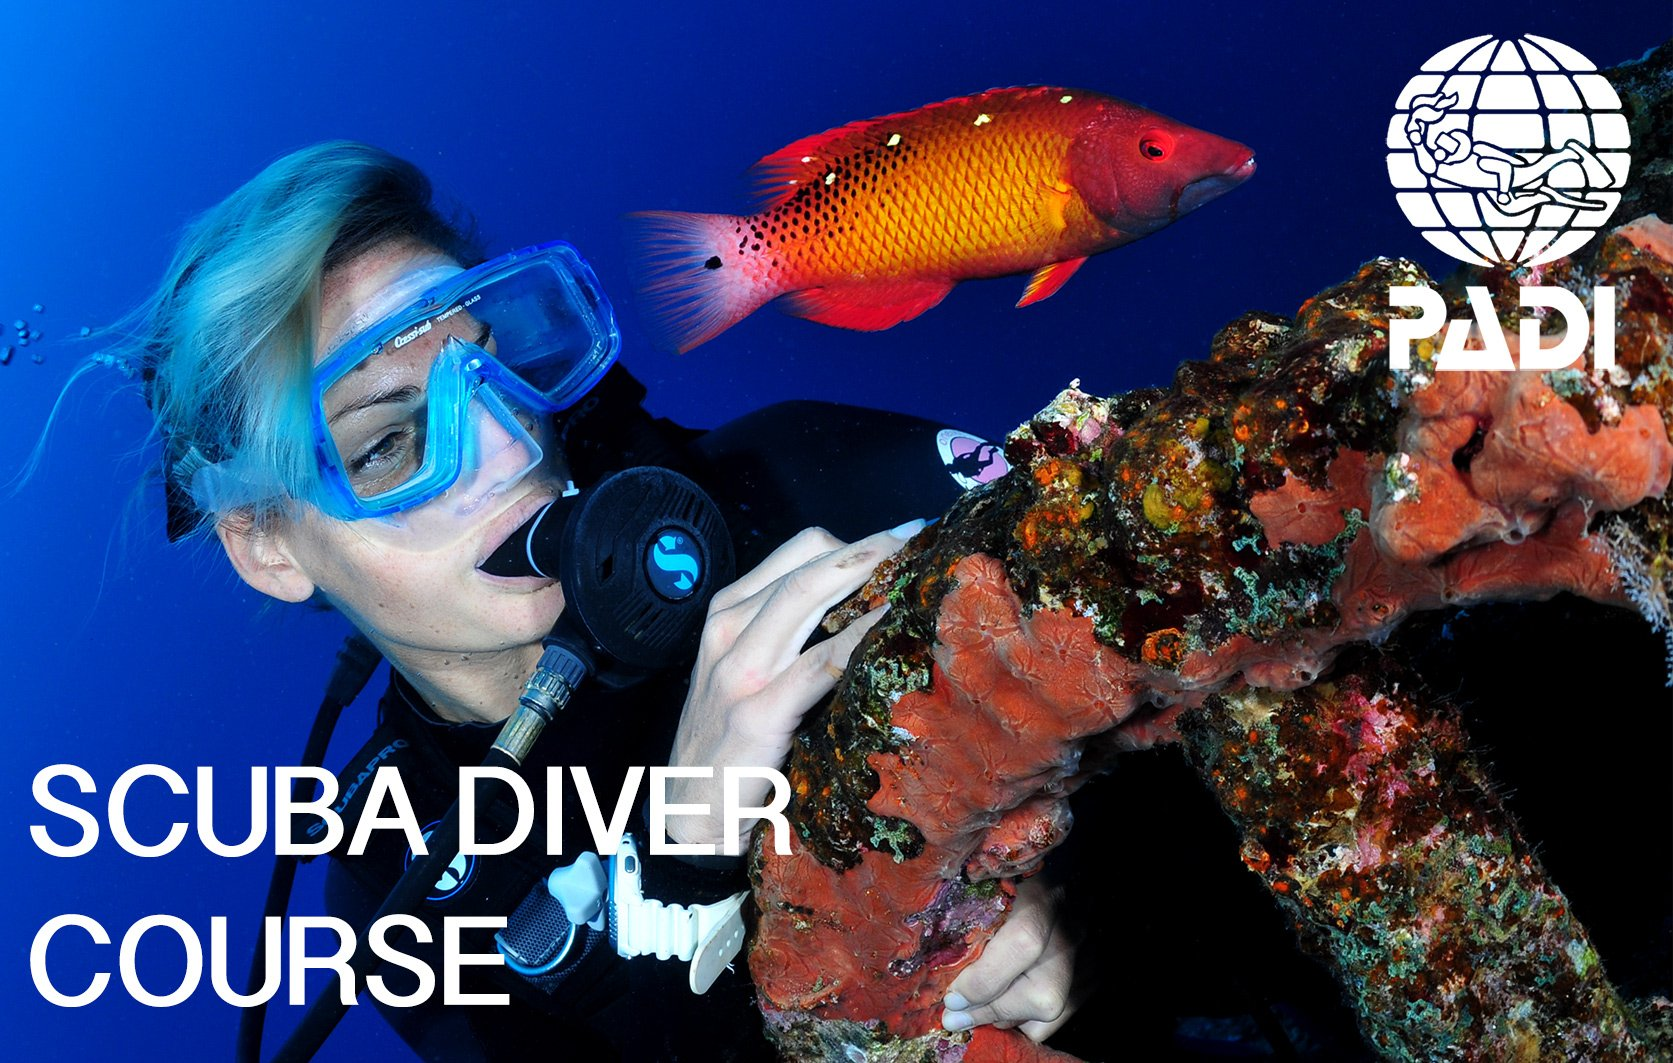 PADI scuba diver course in Mauritius